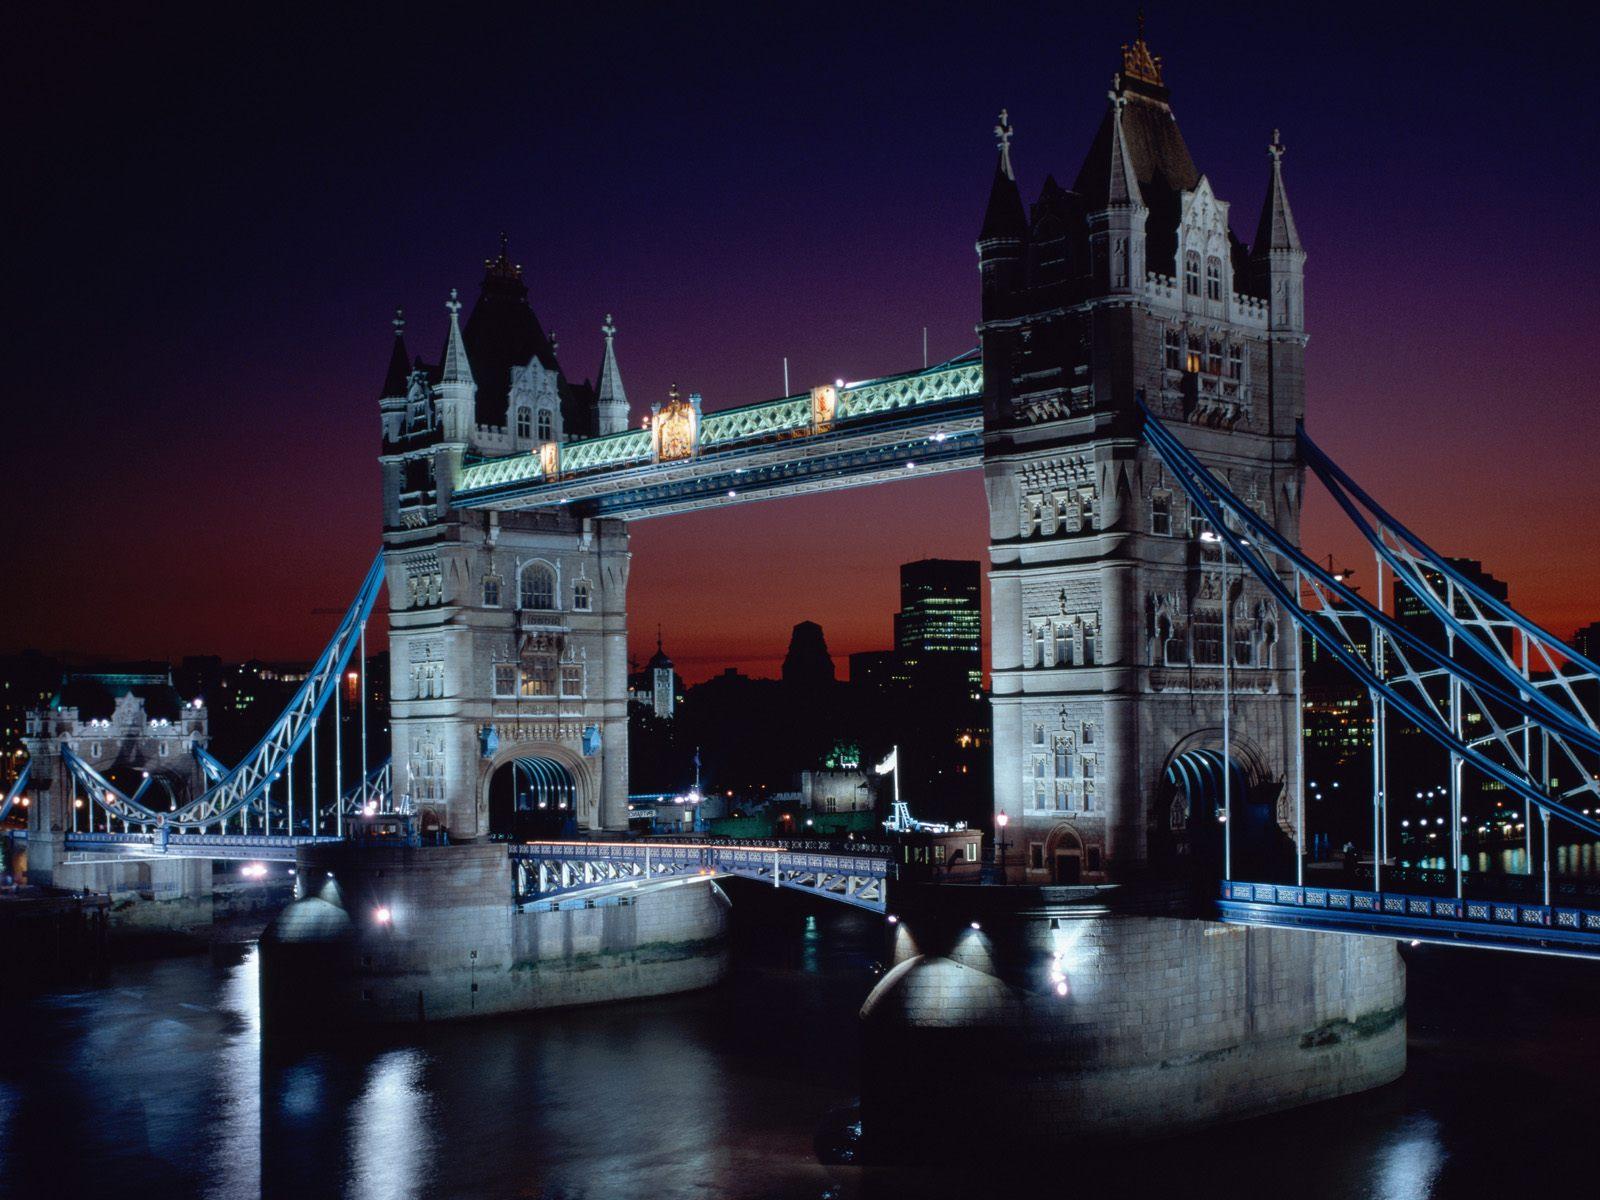 http://1.bp.blogspot.com/_aWMnfa5g5E0/TMZl3tqi1mI/AAAAAAAABGQ/-i4bw3n5qkE/s1600/Tower+Bridge+at+Night,+London,+England.jpg